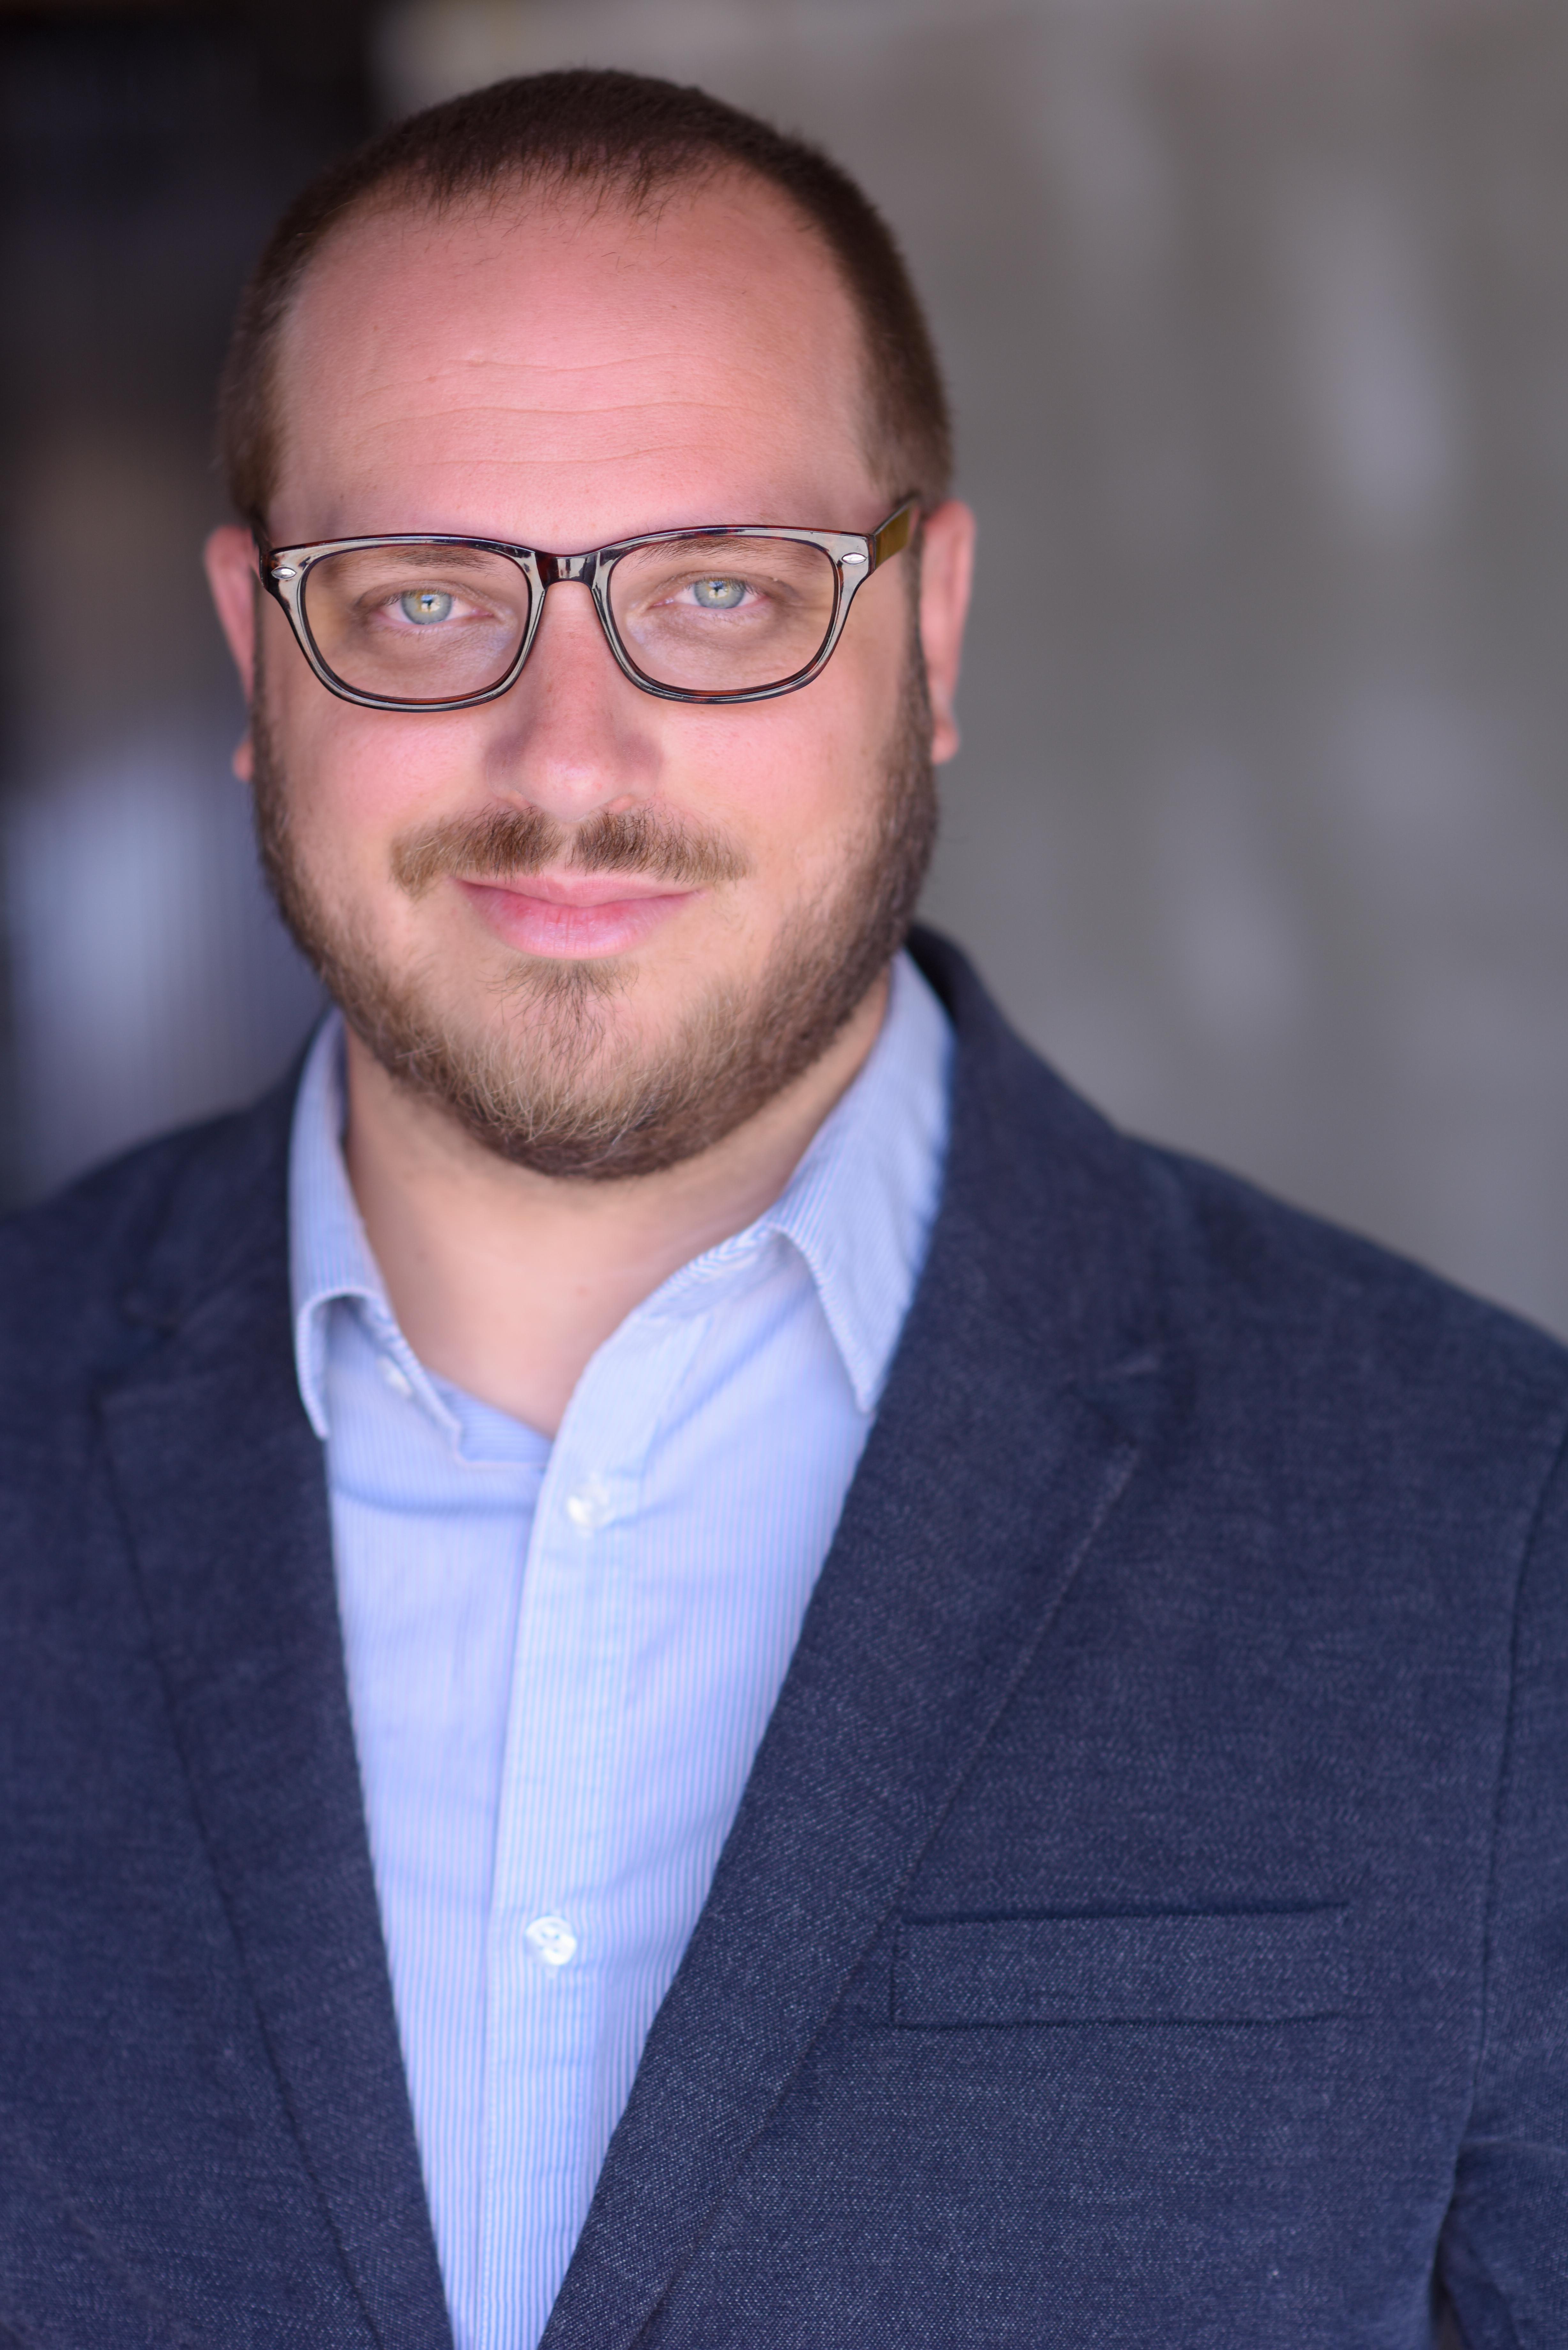 Justin Nesbitt